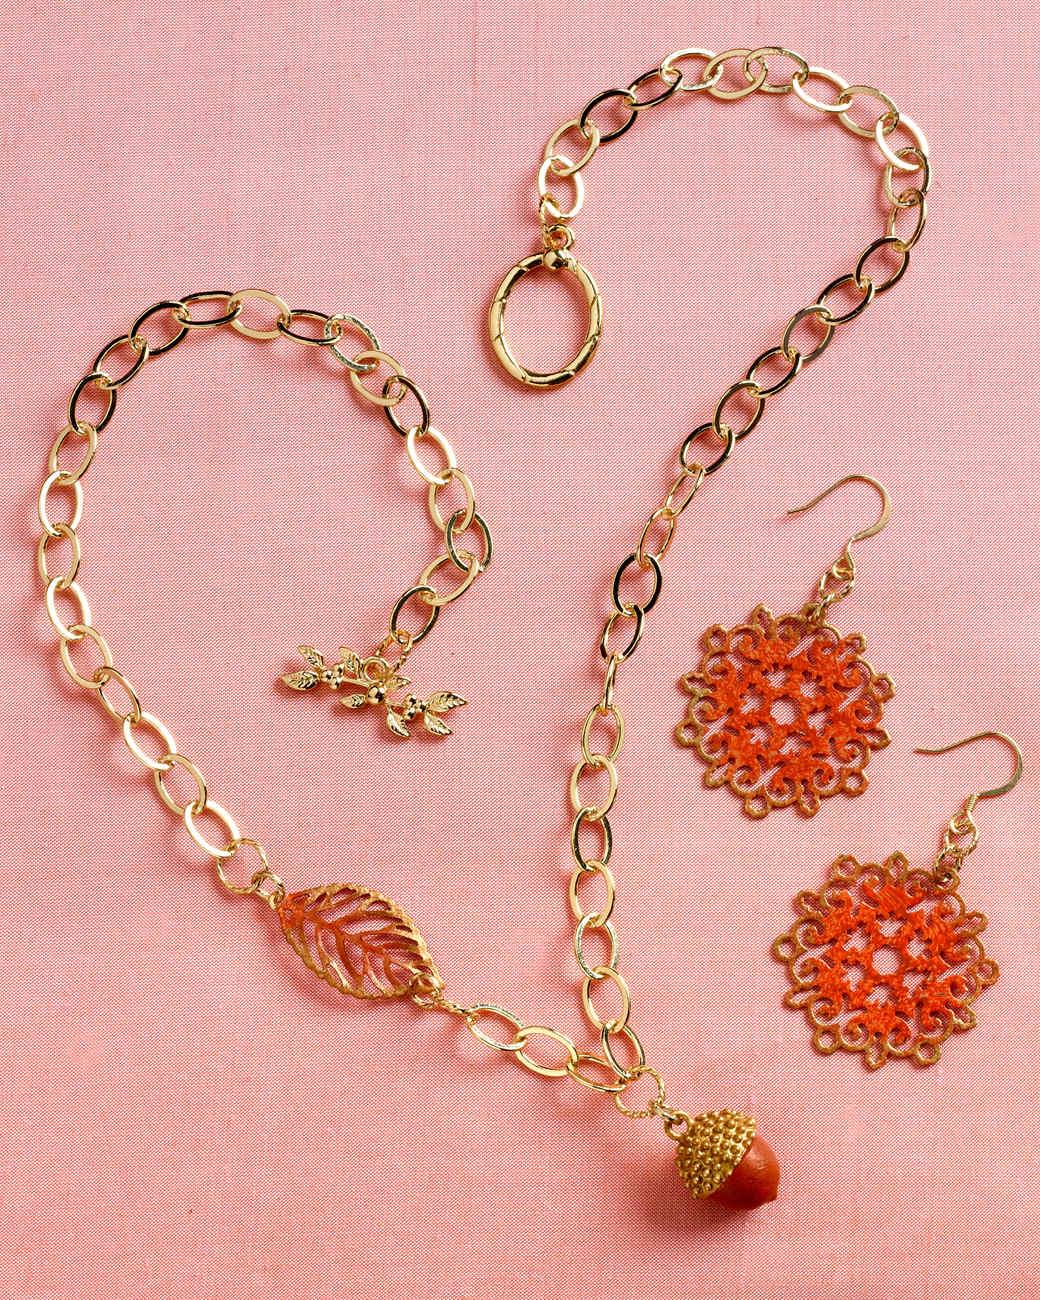 mscrafts-fall-jewelry3-13.jpg